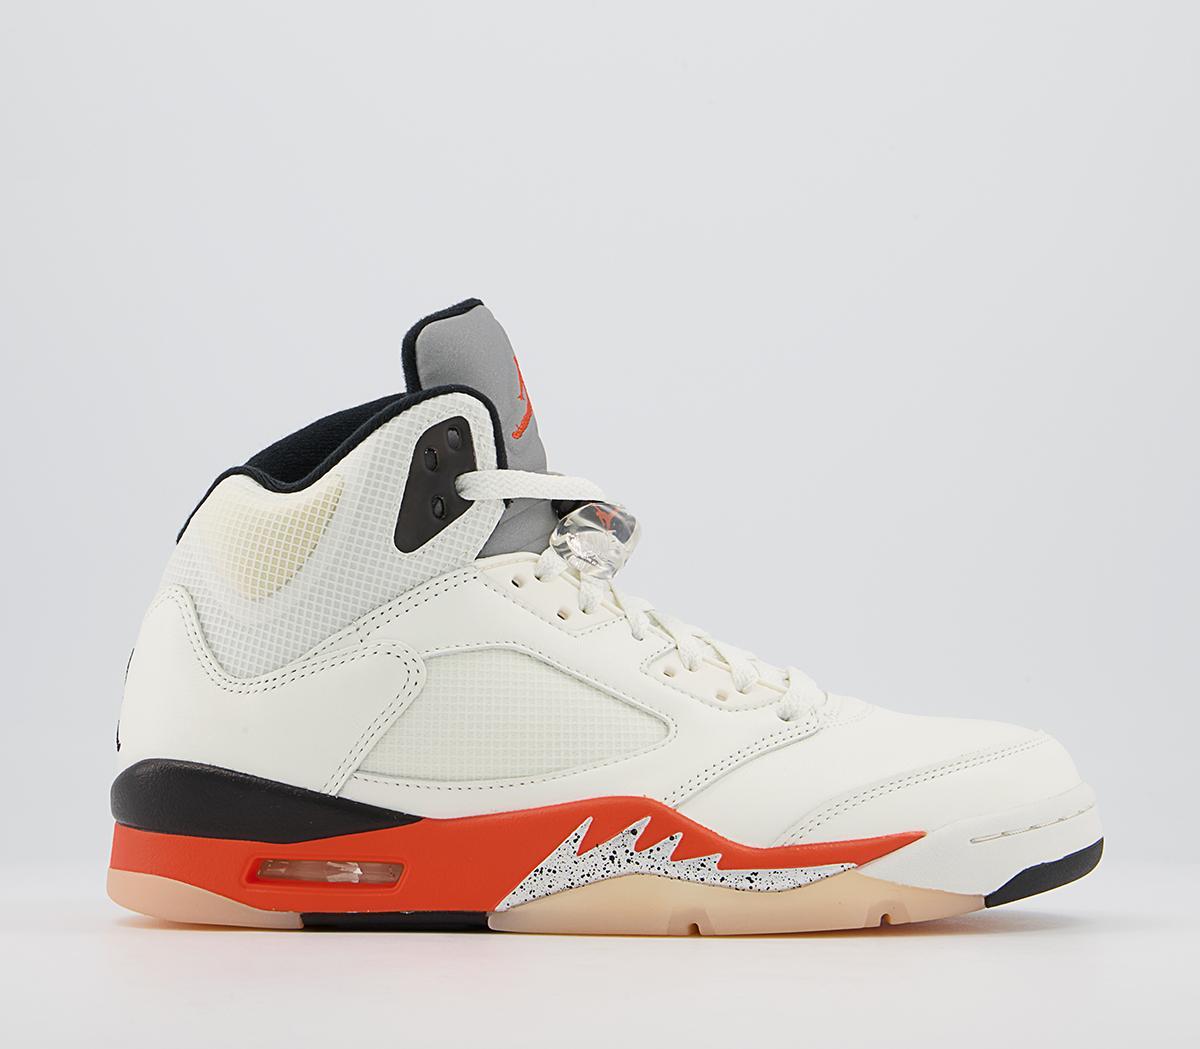 Air Jordan 5 Trainers